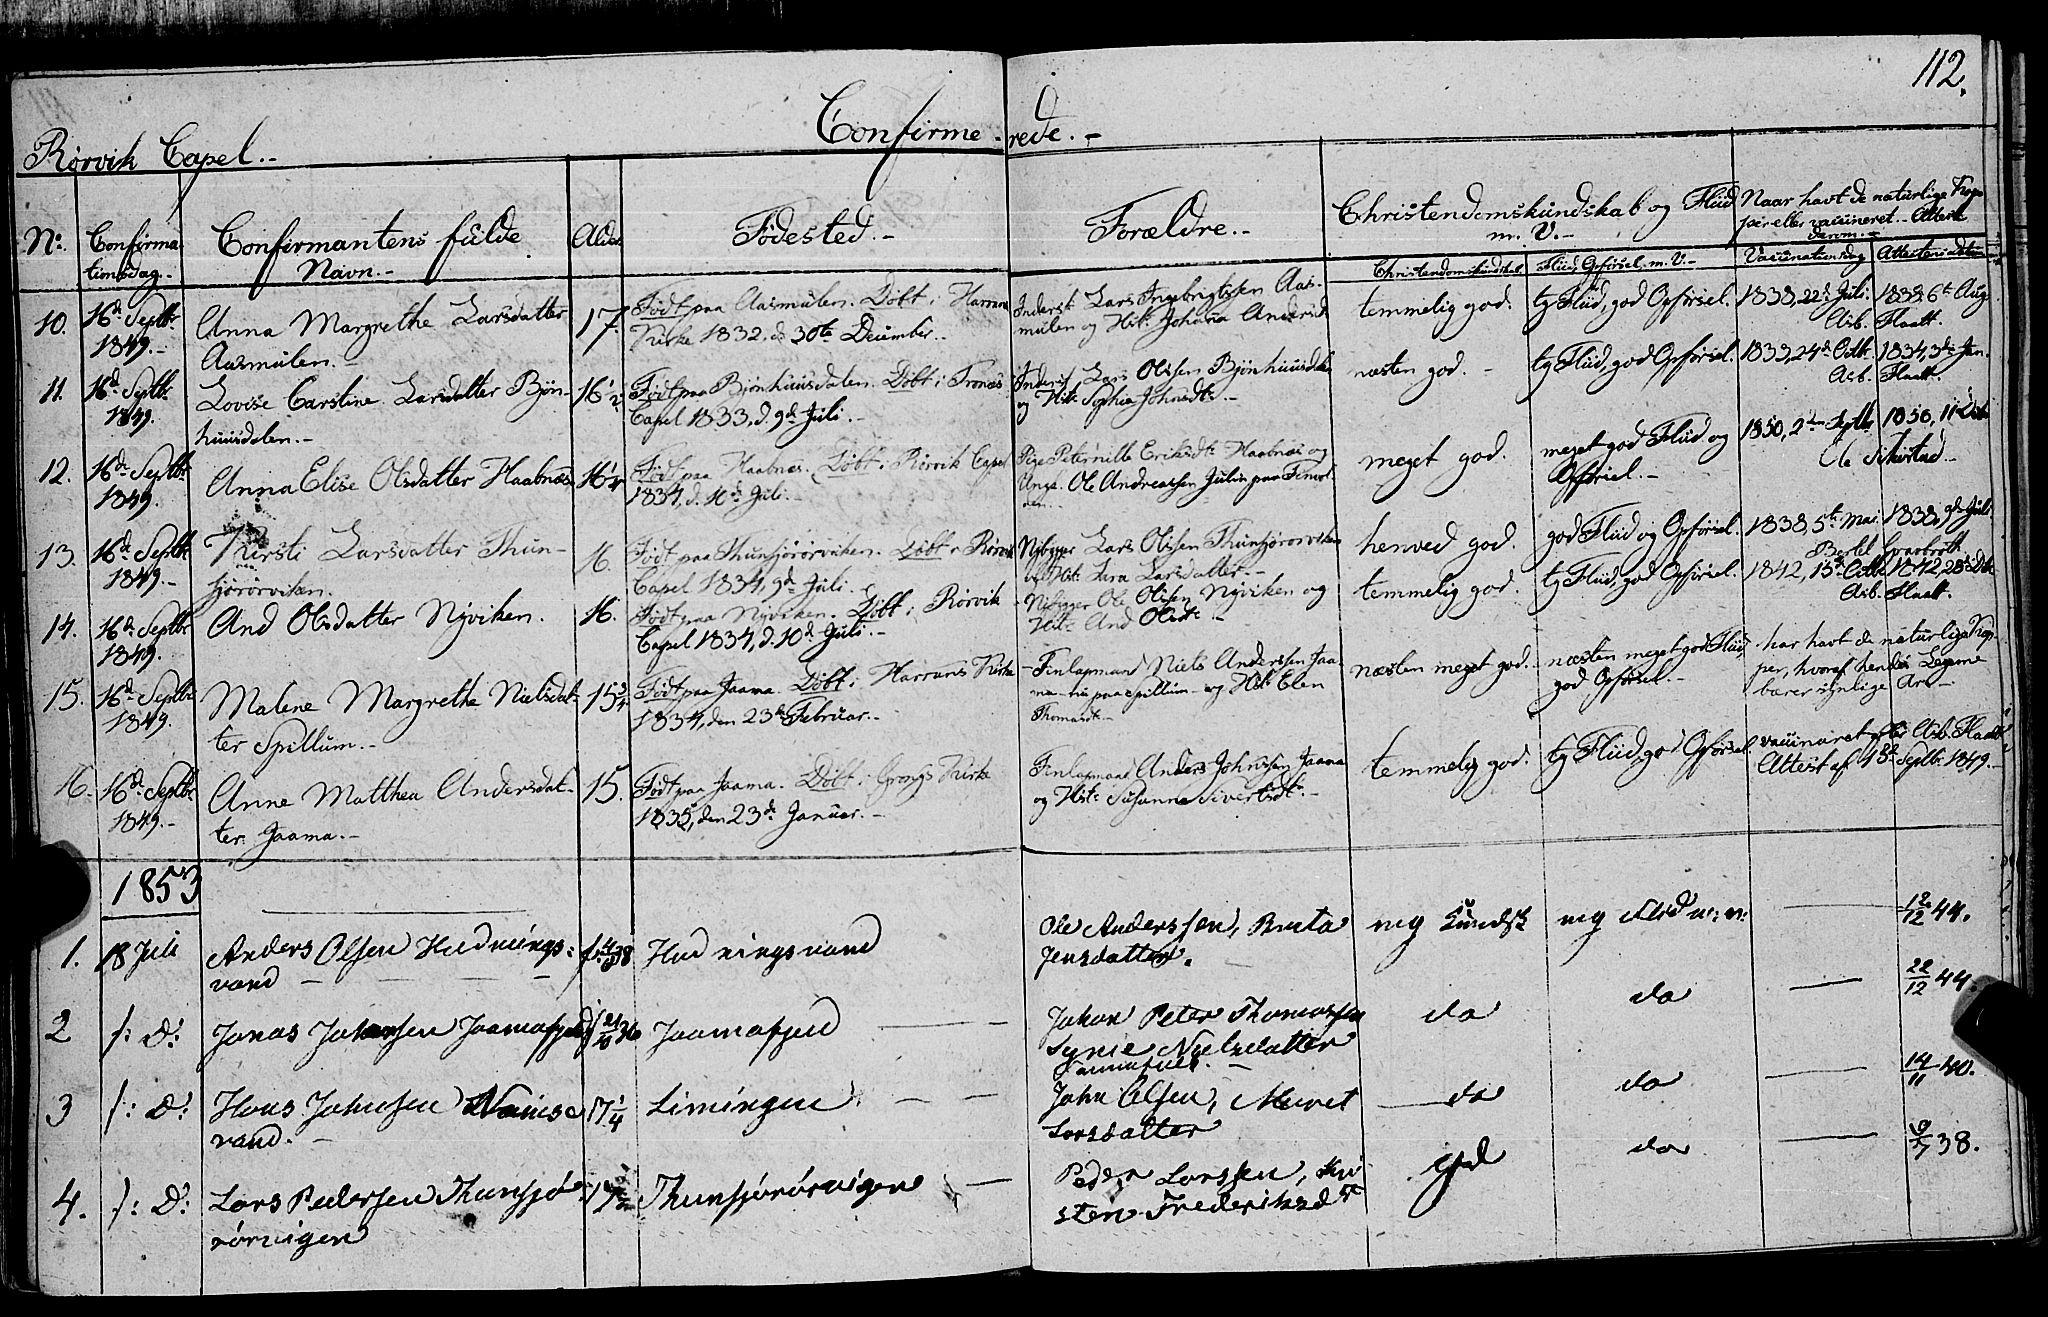 SAT, Ministerialprotokoller, klokkerbøker og fødselsregistre - Nord-Trøndelag, 762/L0538: Ministerialbok nr. 762A02 /1, 1833-1879, s. 112